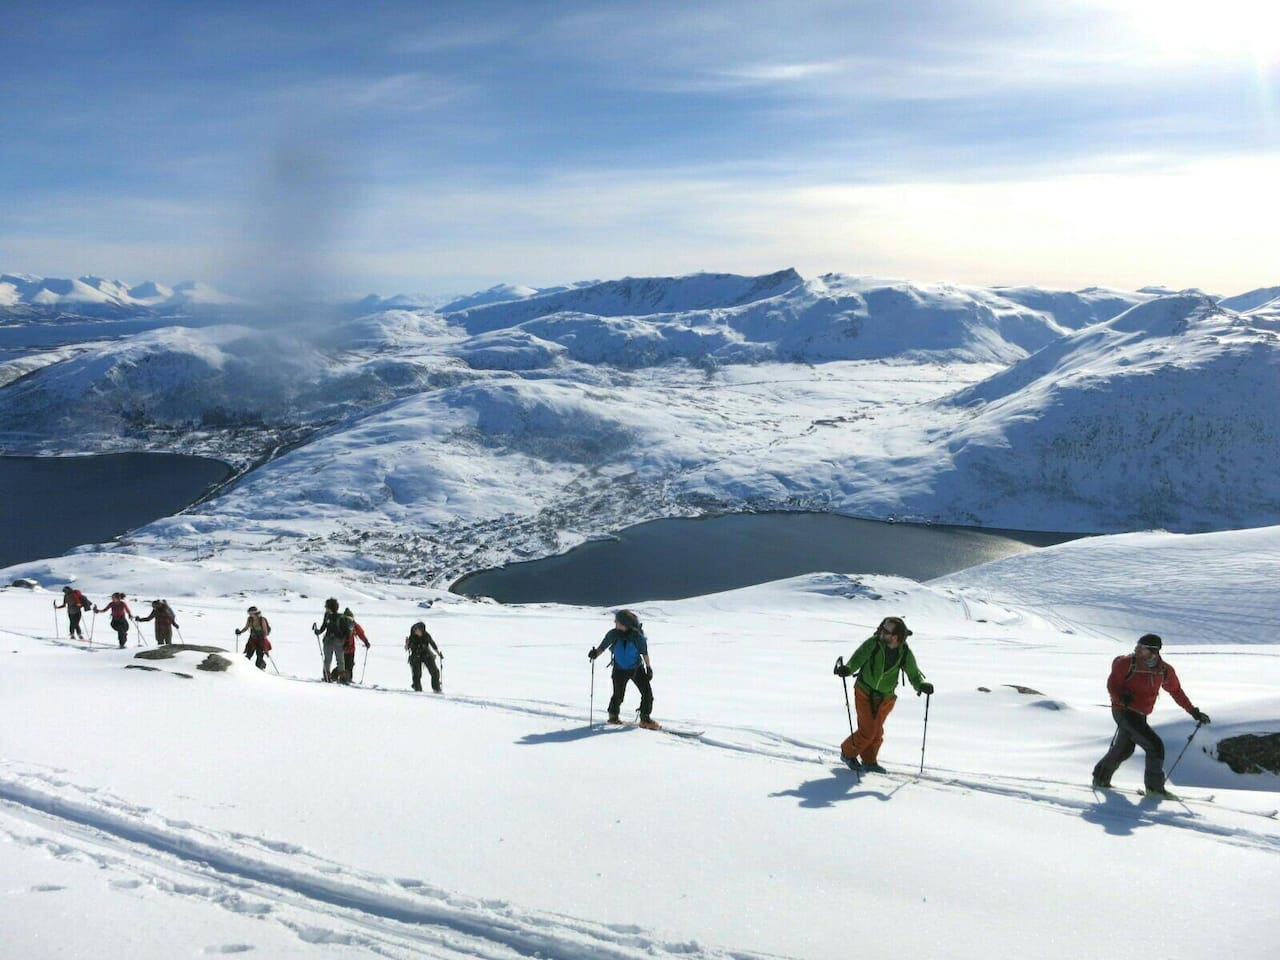 Buren Skiing or hiking trails